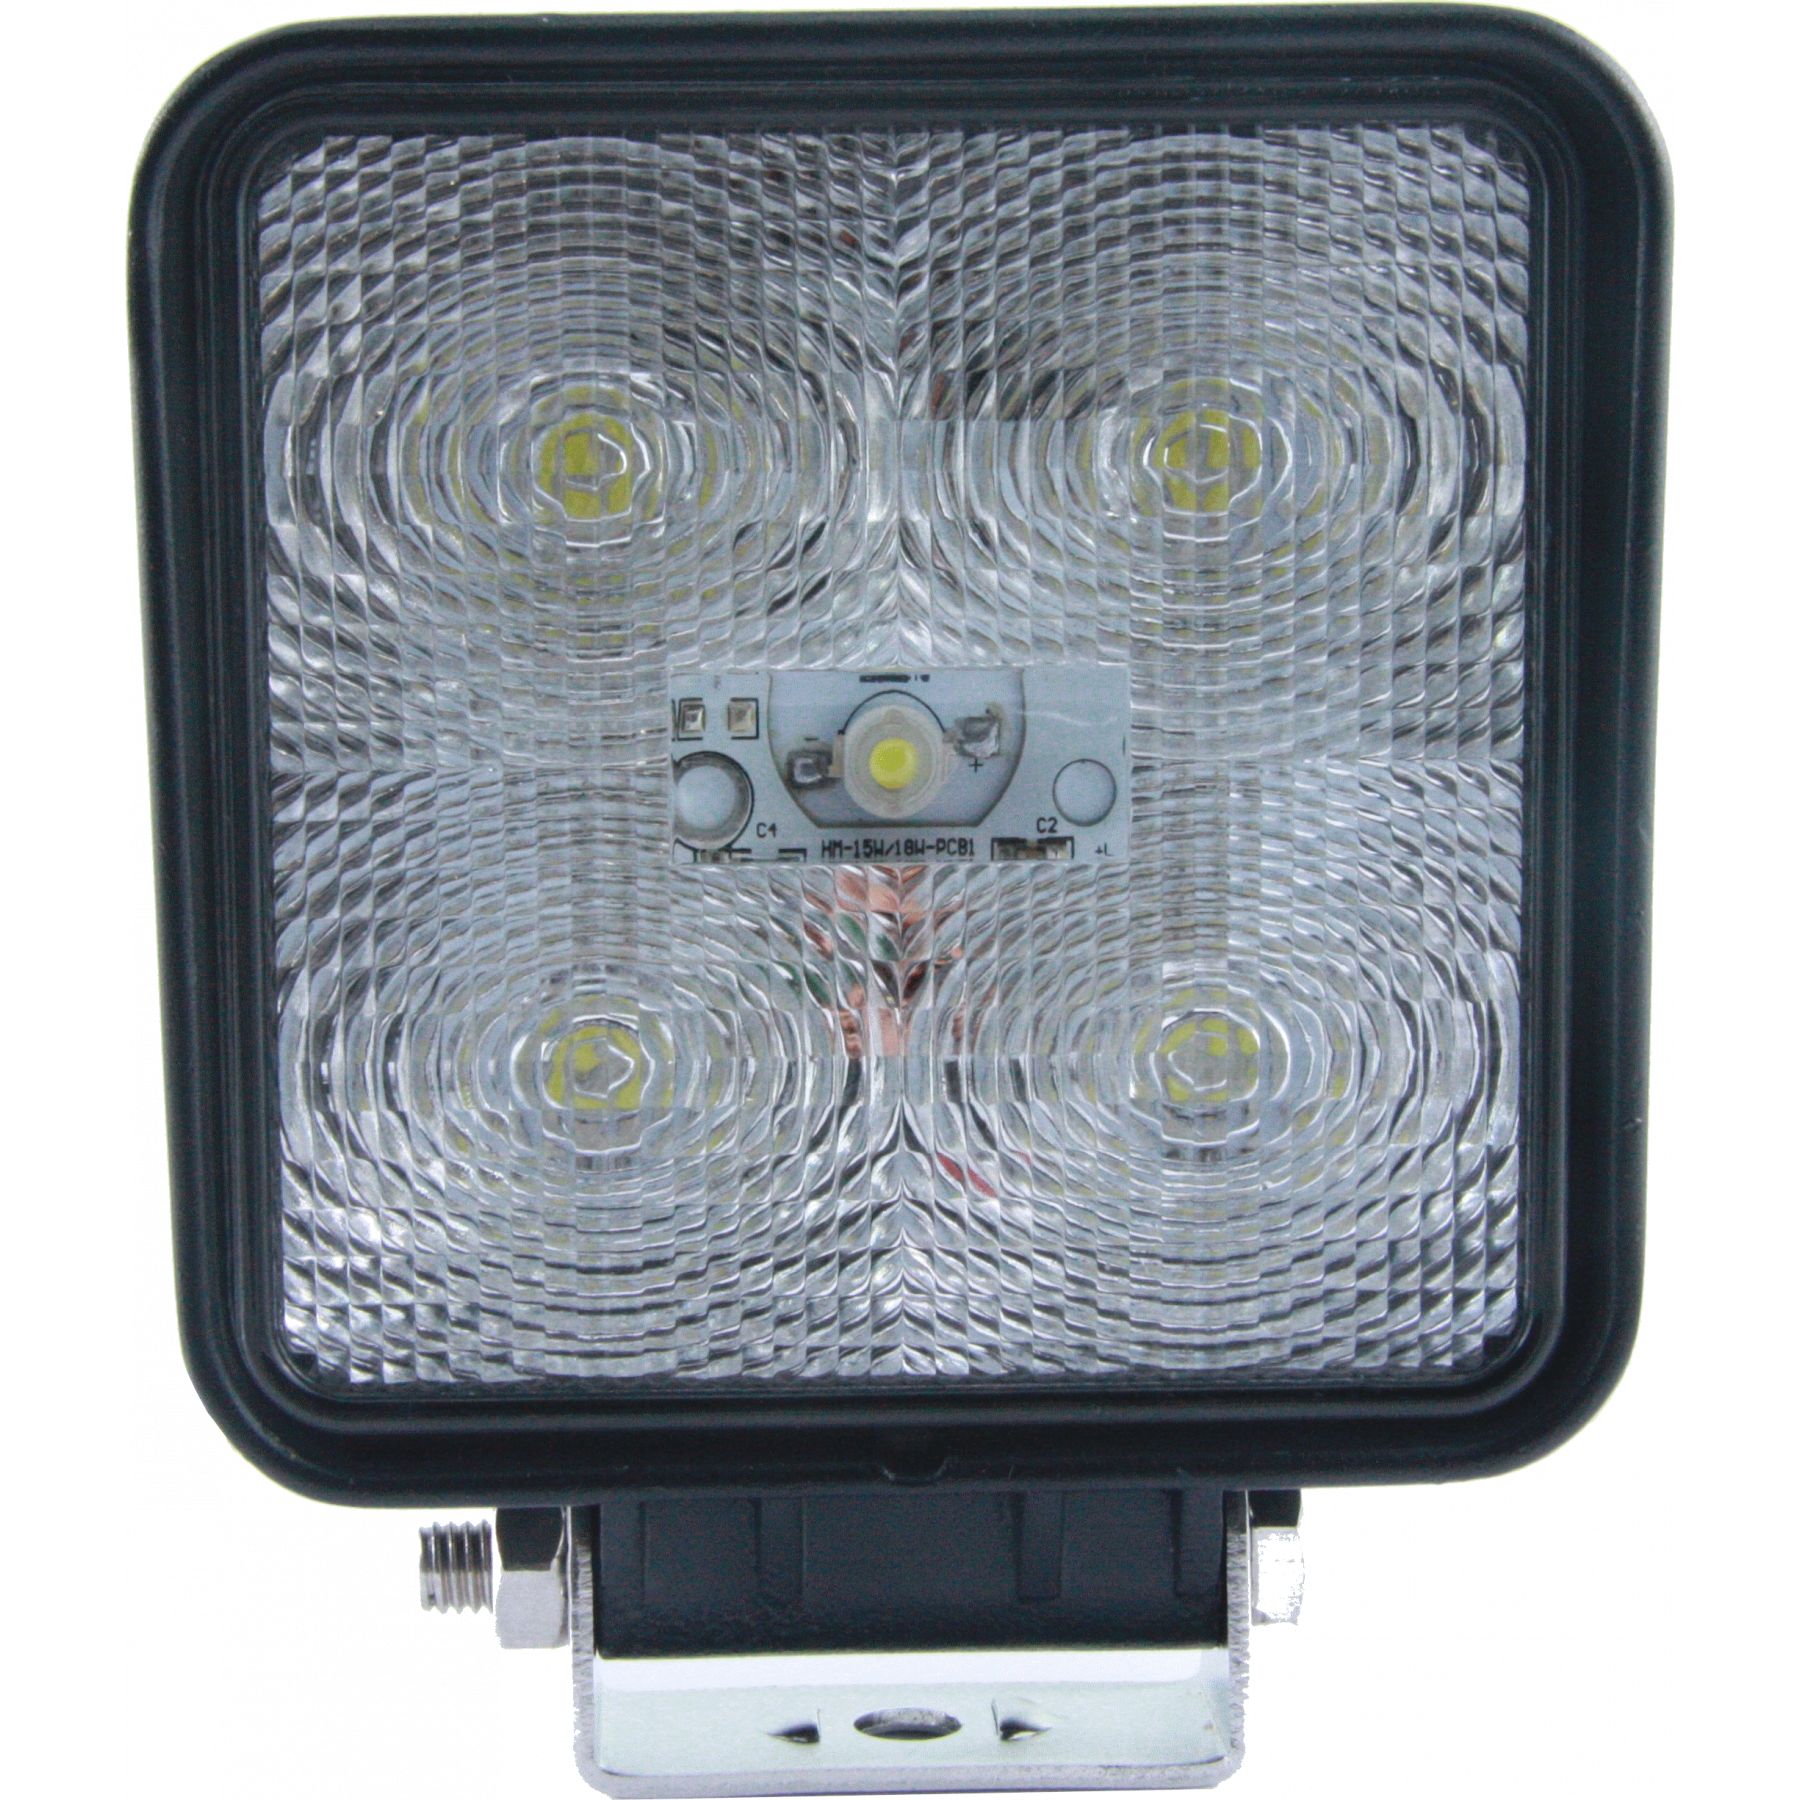 LED werklamp 10-30v vierkant 15w radio ontstoord lange kabel